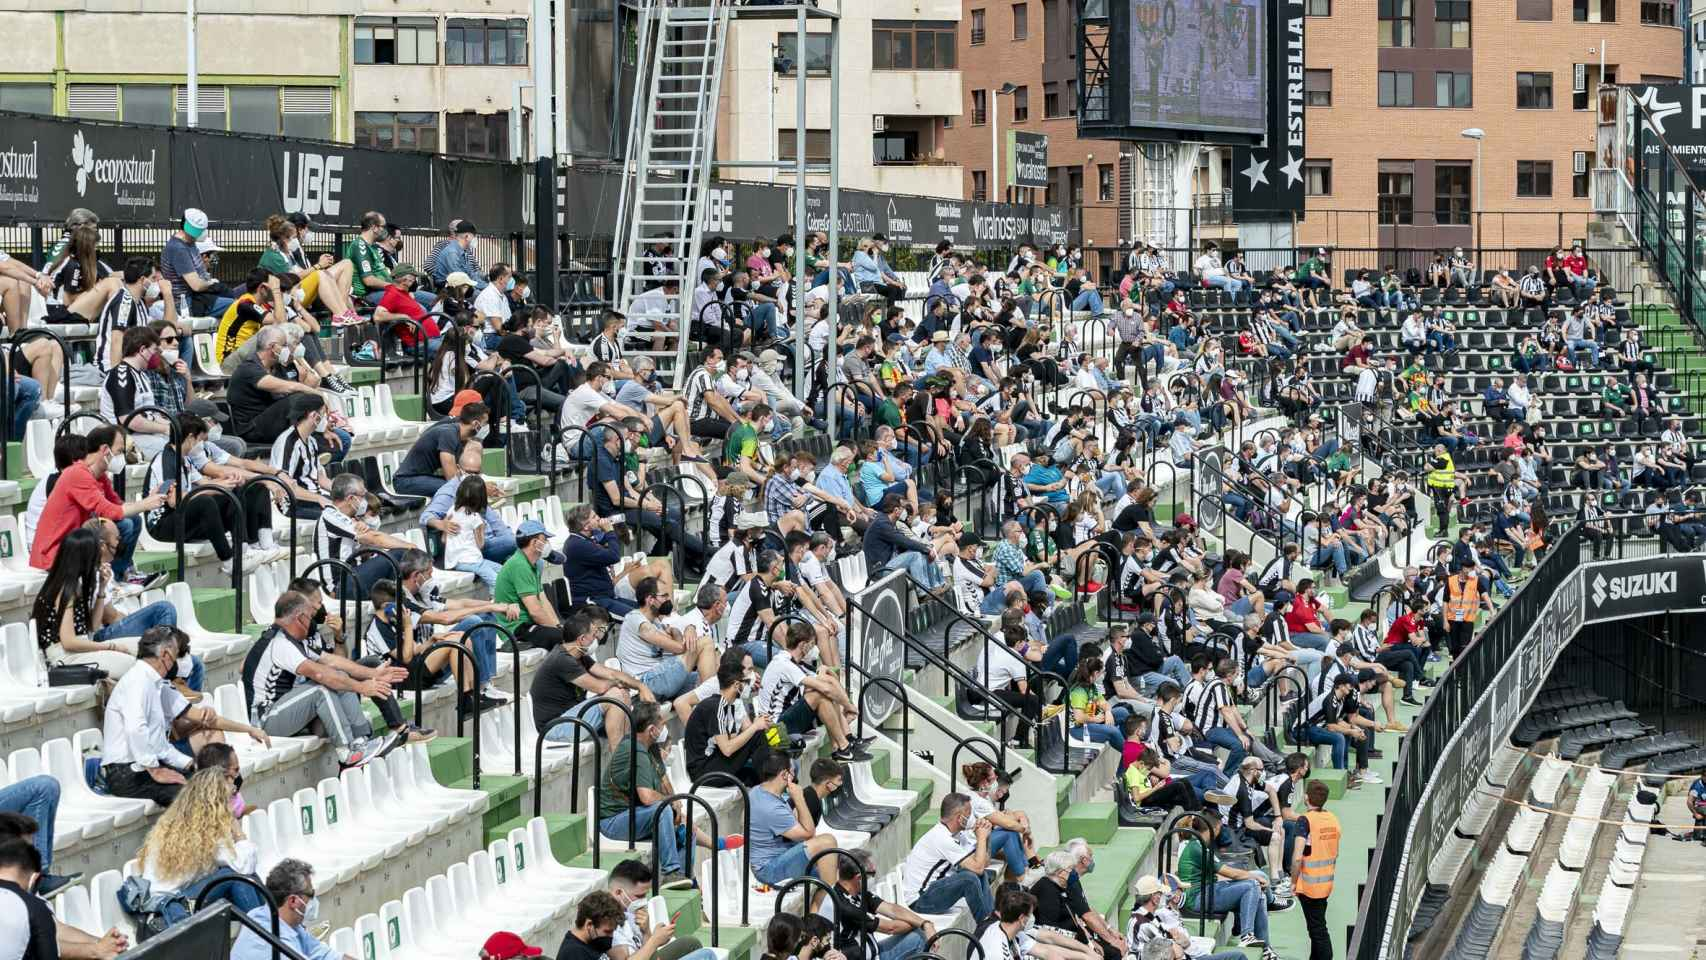 La grada con aficionados de Nuevo Estadio Castalia